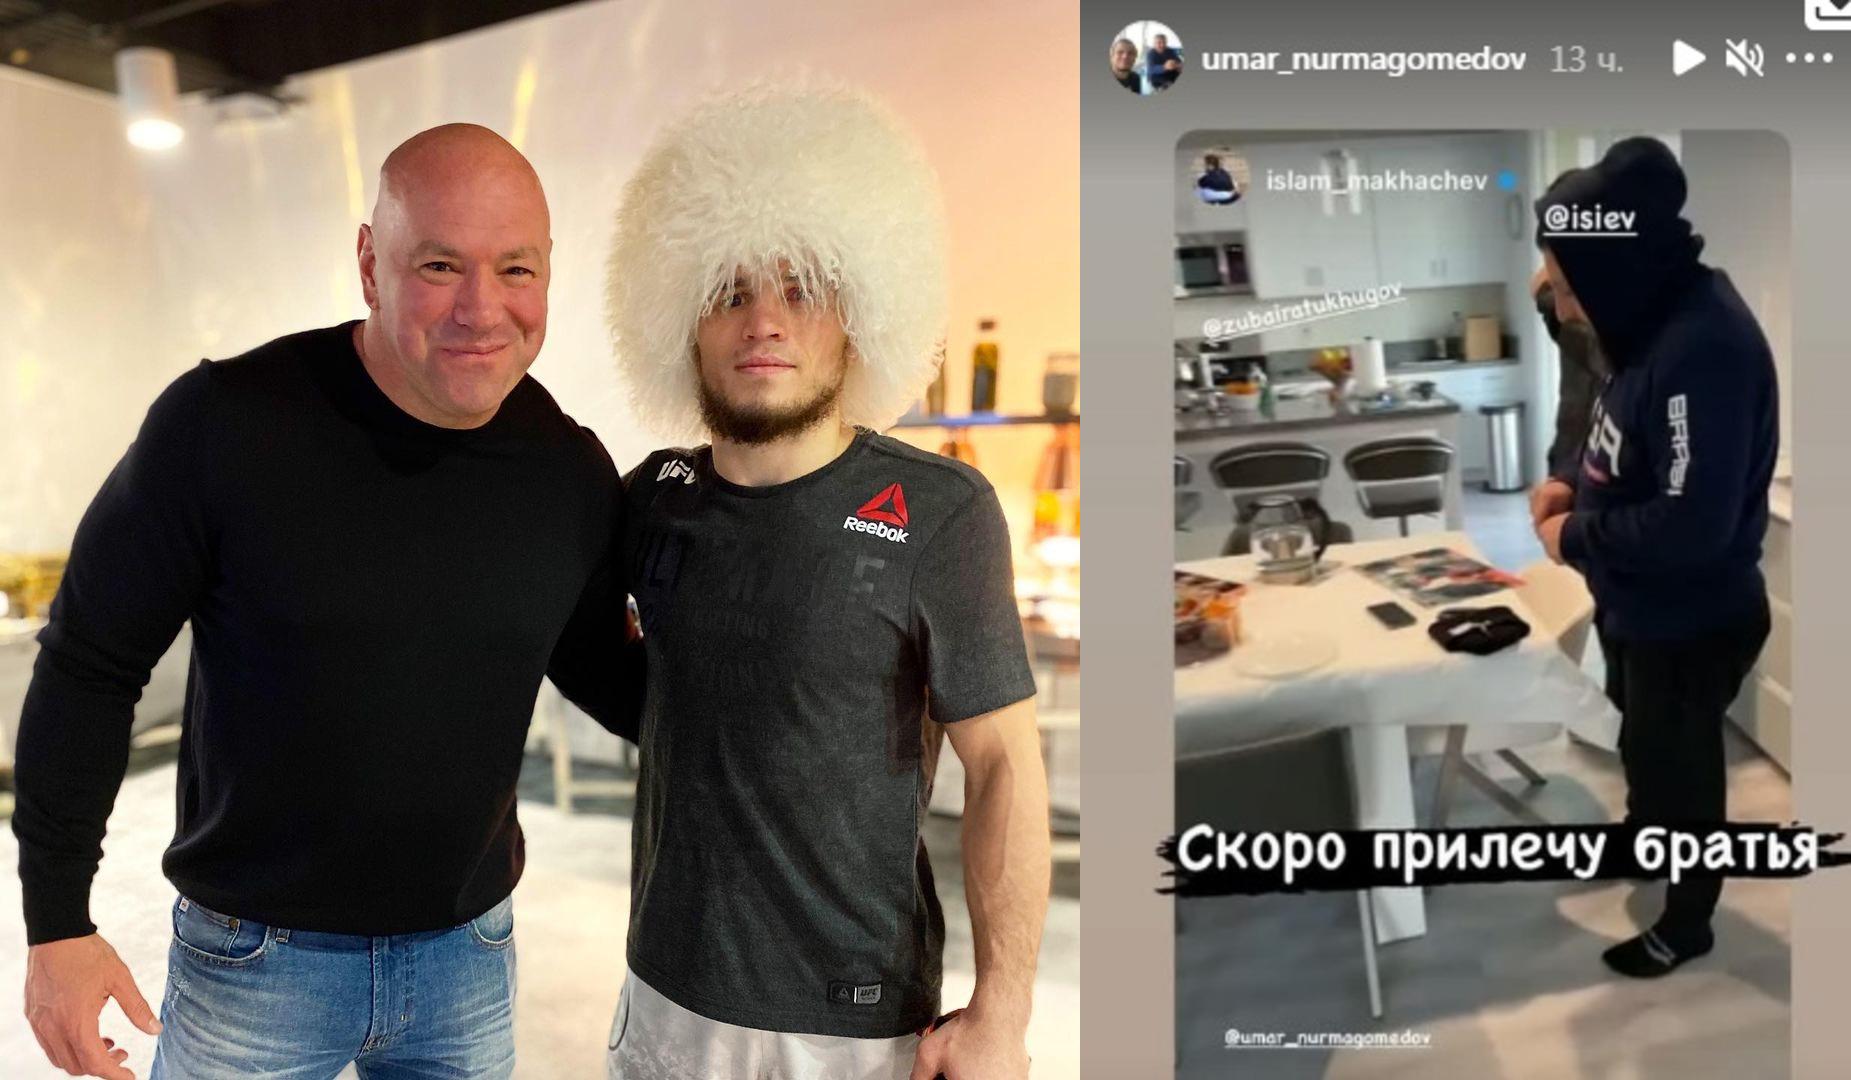 Умар Нурмагомедов